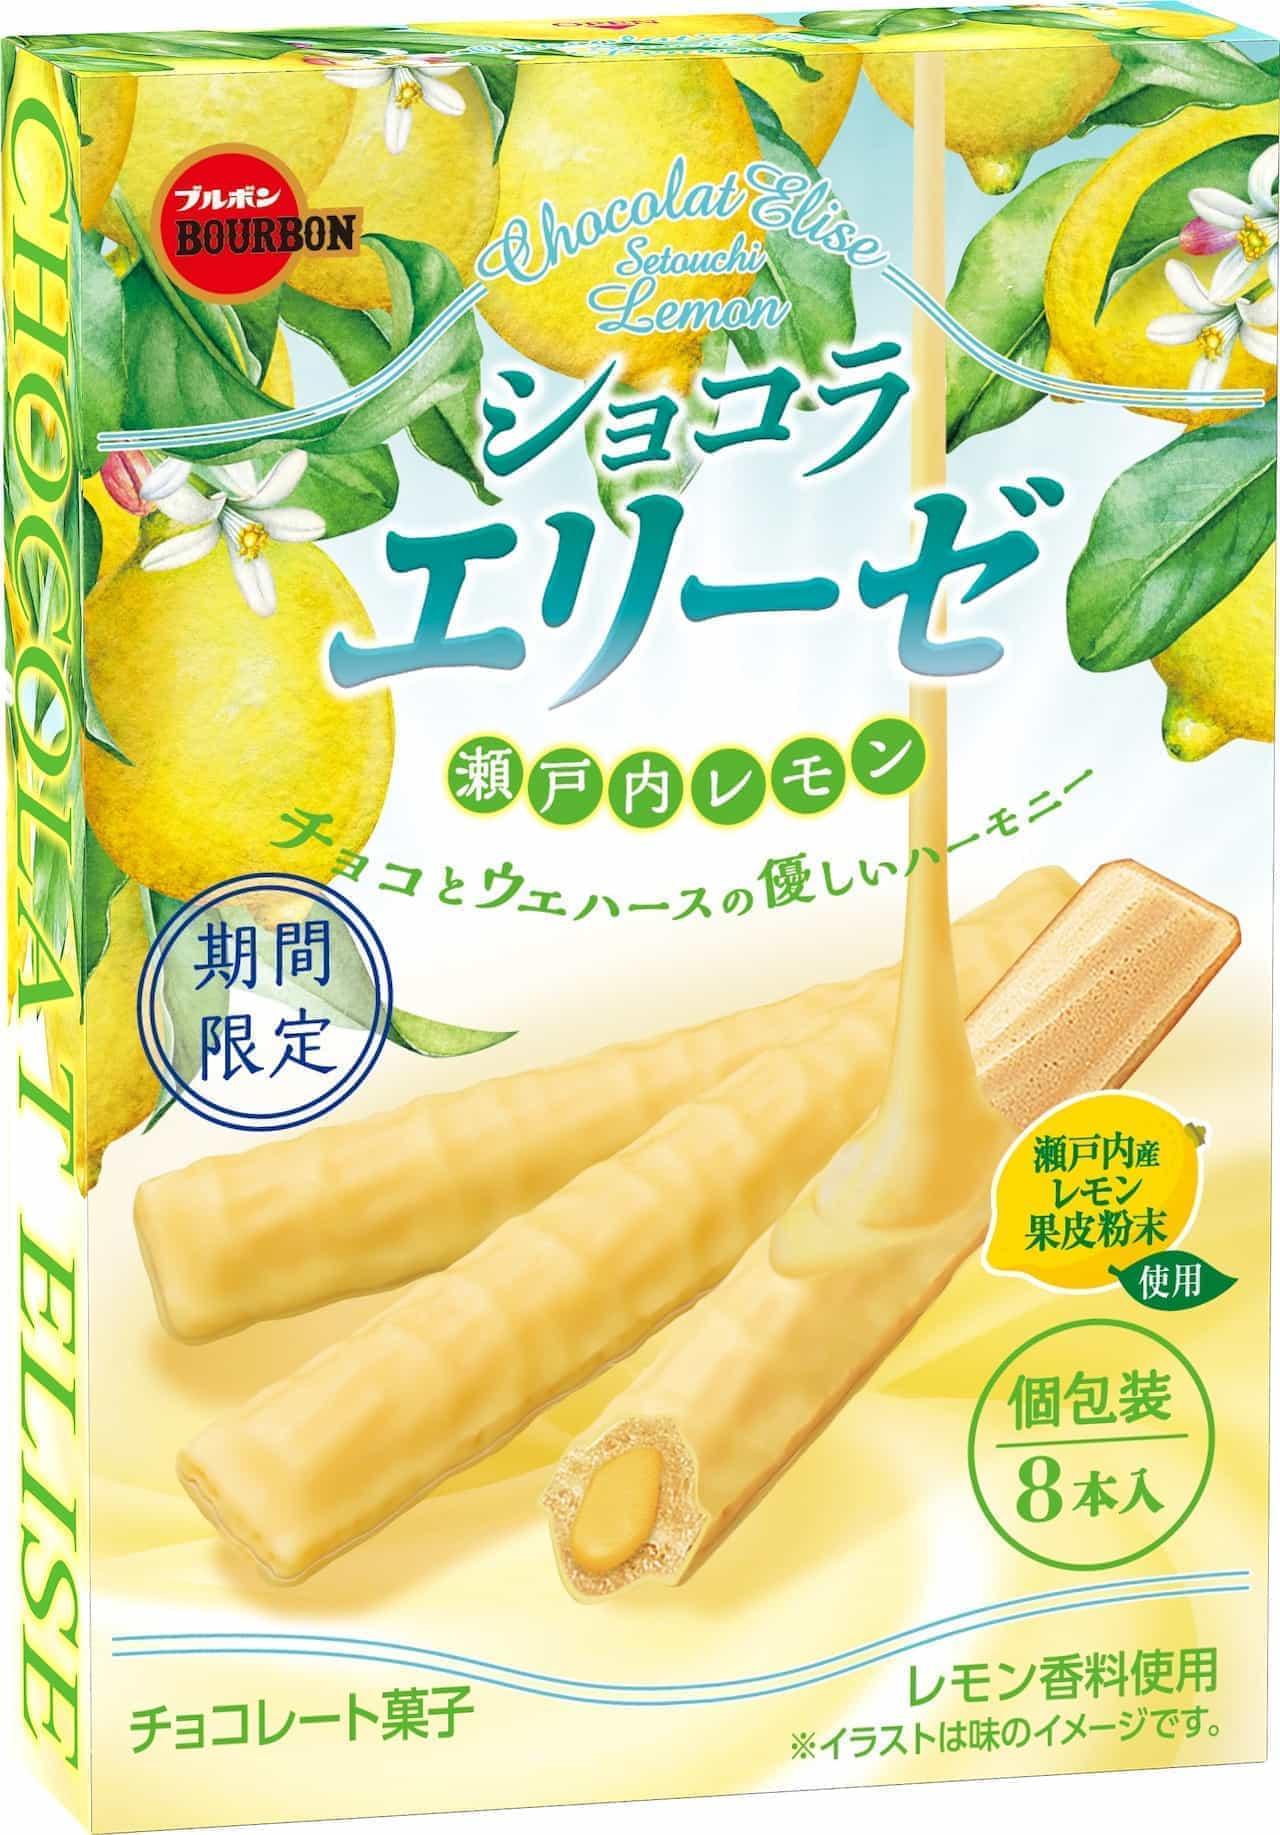 「ショコラエリーゼ瀬戸内レモン」ブルボンから!